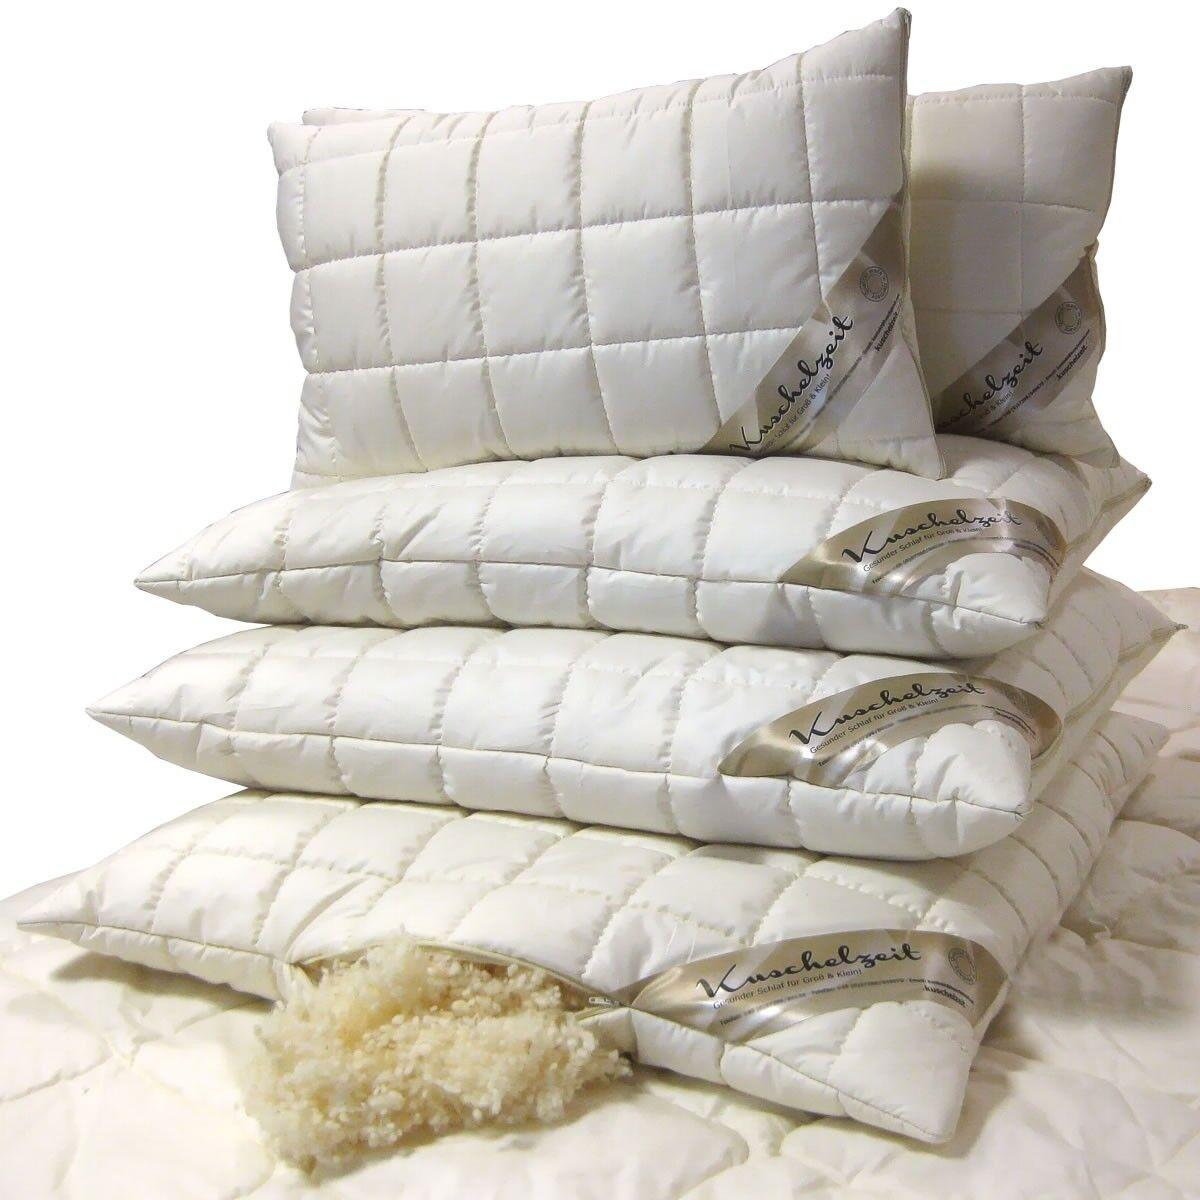 Merino Kopfkissen mit mit mit Schafschurwollkugeln Schurwoll-Kissen Made in Germany   Um Zuerst Unter ähnlichen Produkten Rang  f7fd03